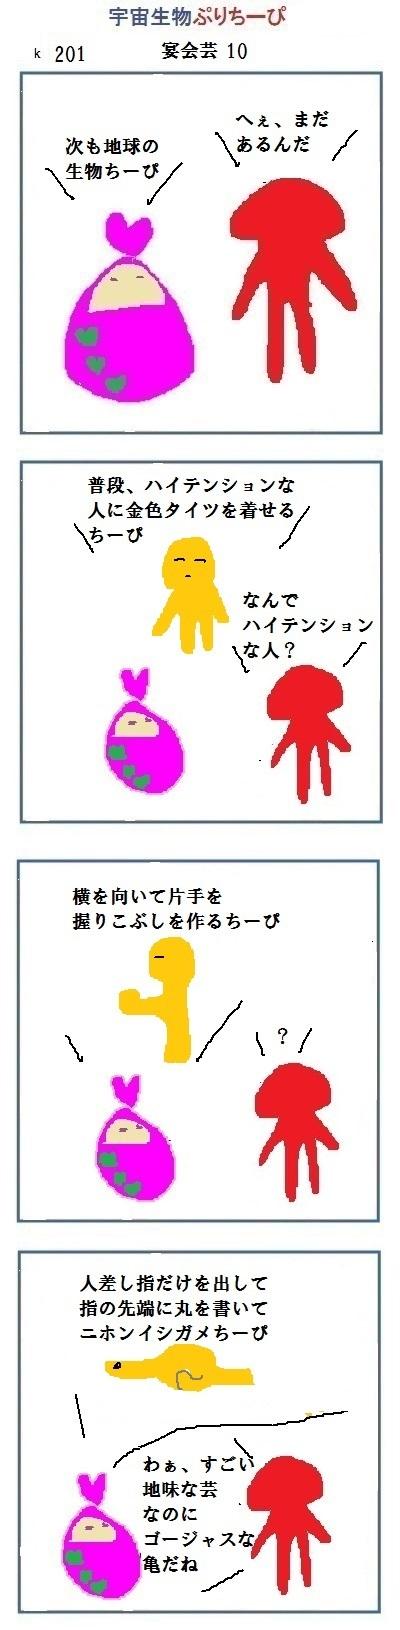 20161201085526954.jpg